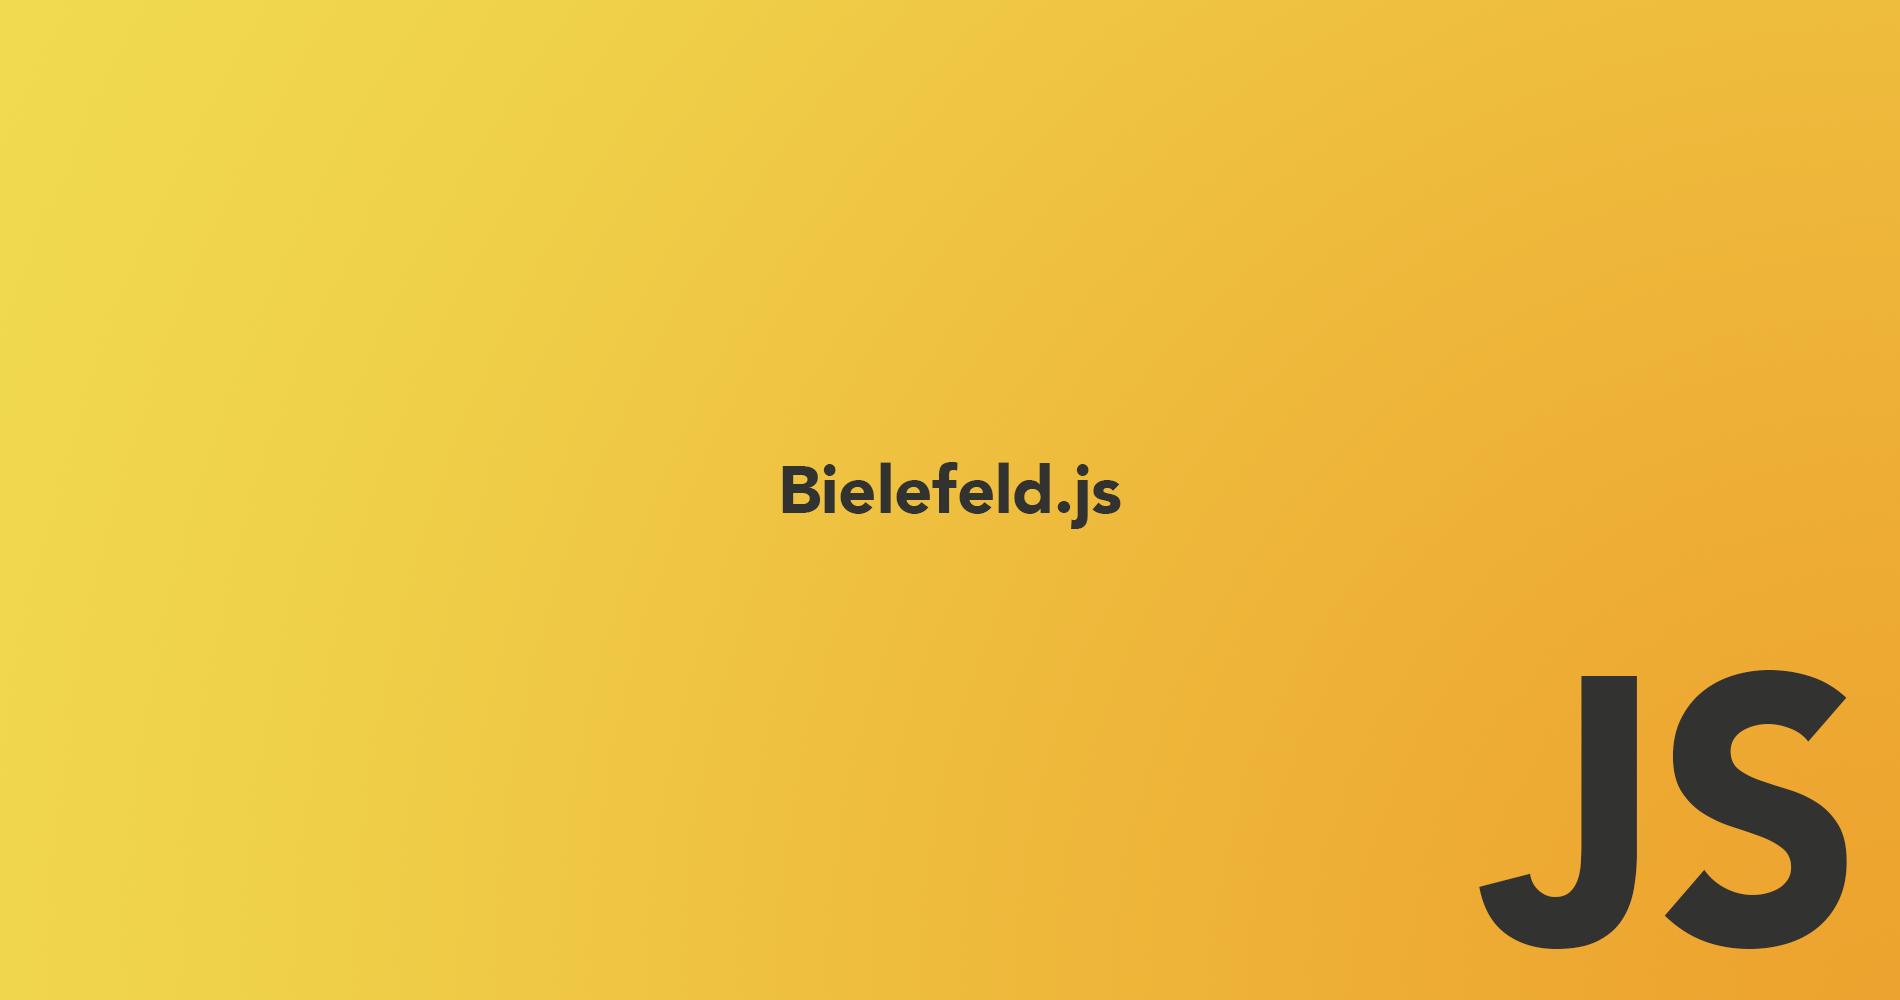 JavaScript Meetup Bielefeld